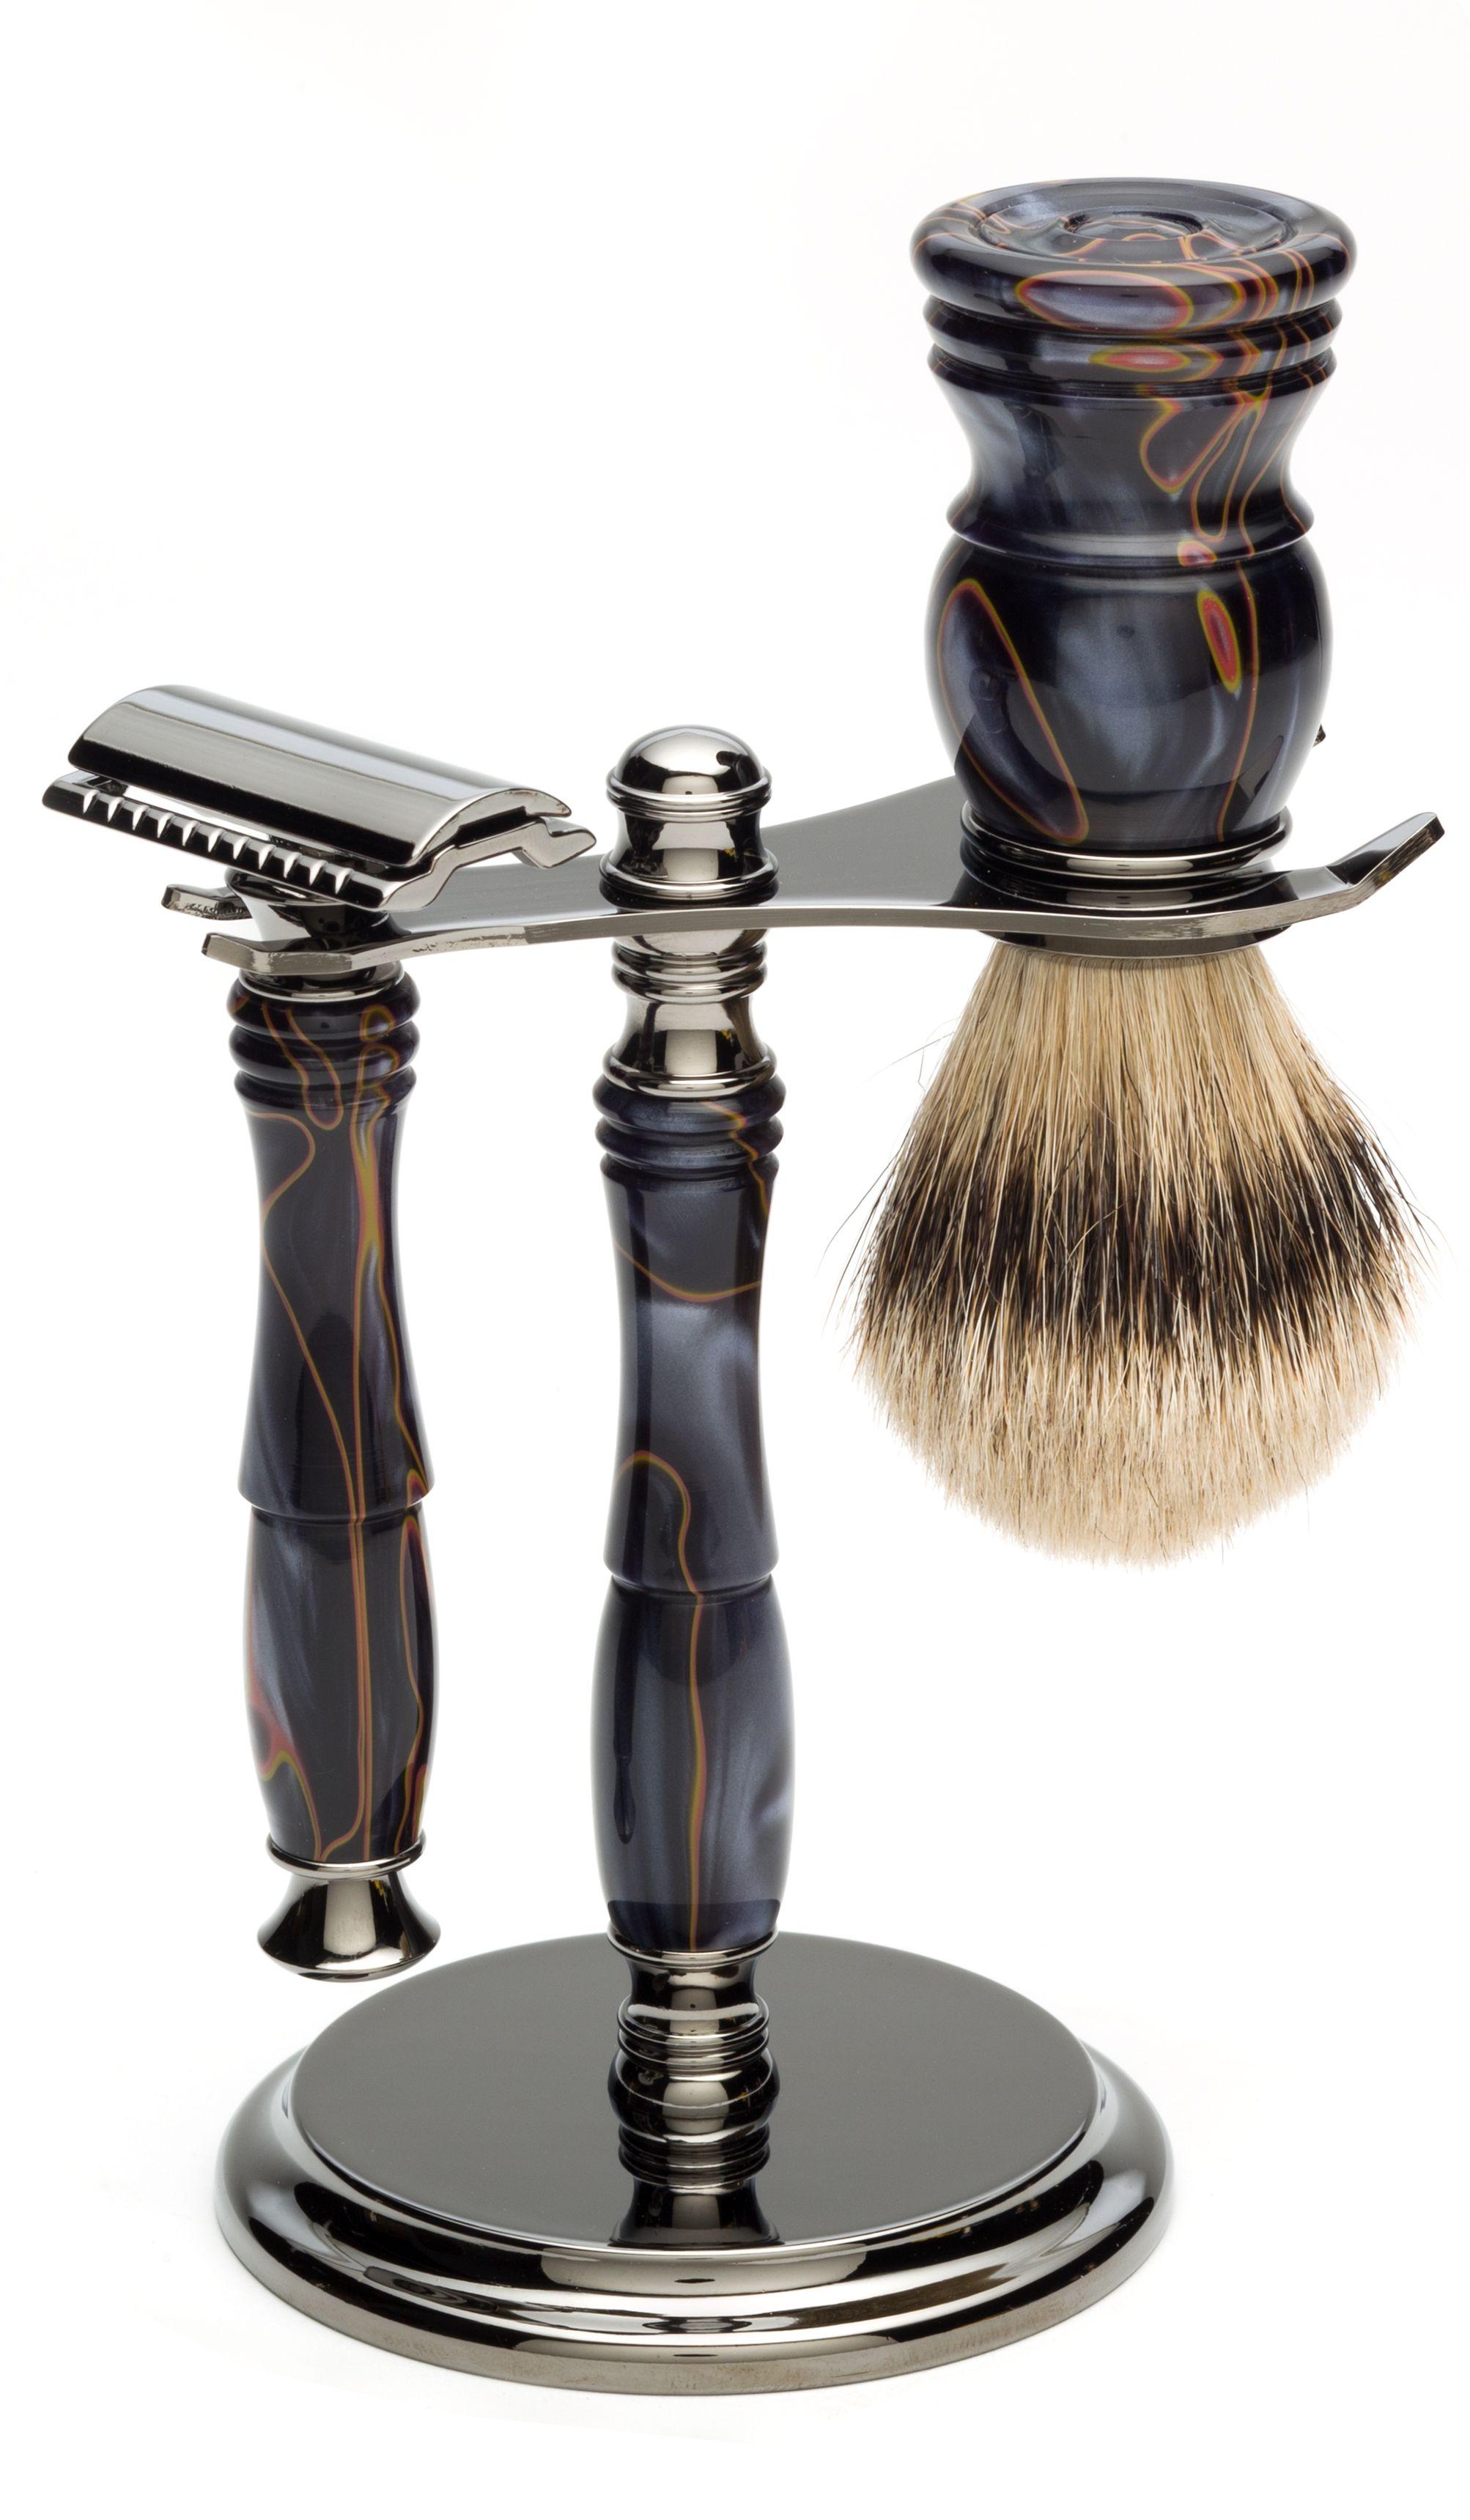 Turn a shaving kit today! #woodturning #shaving | Wood turning ideas